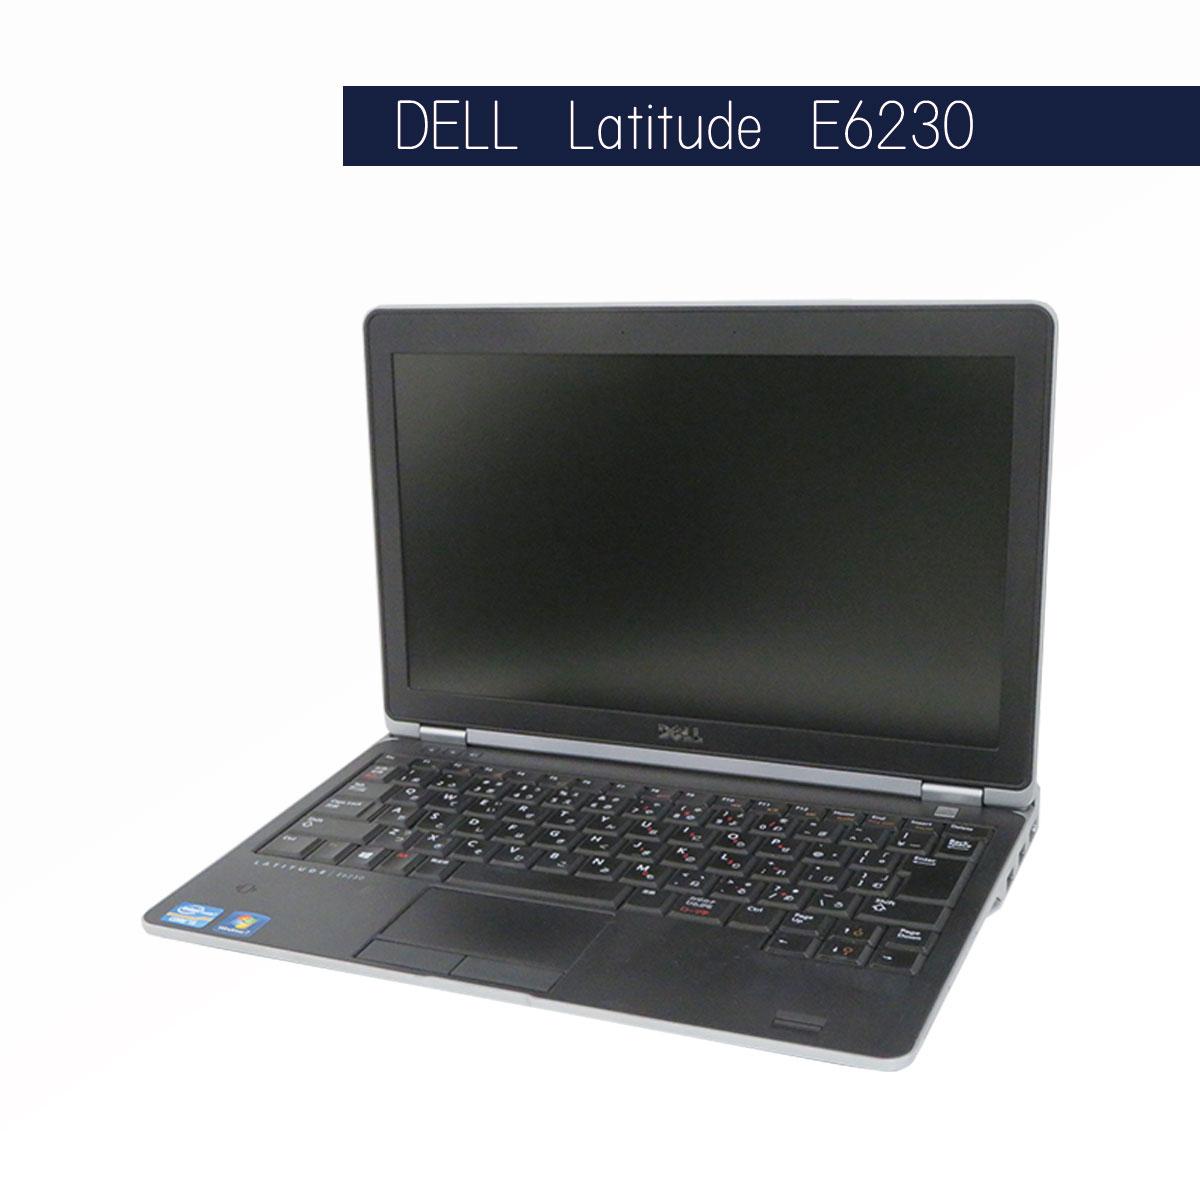 DELL Latitude E6230 Core i5 4GB 320GB (Win10Pro)